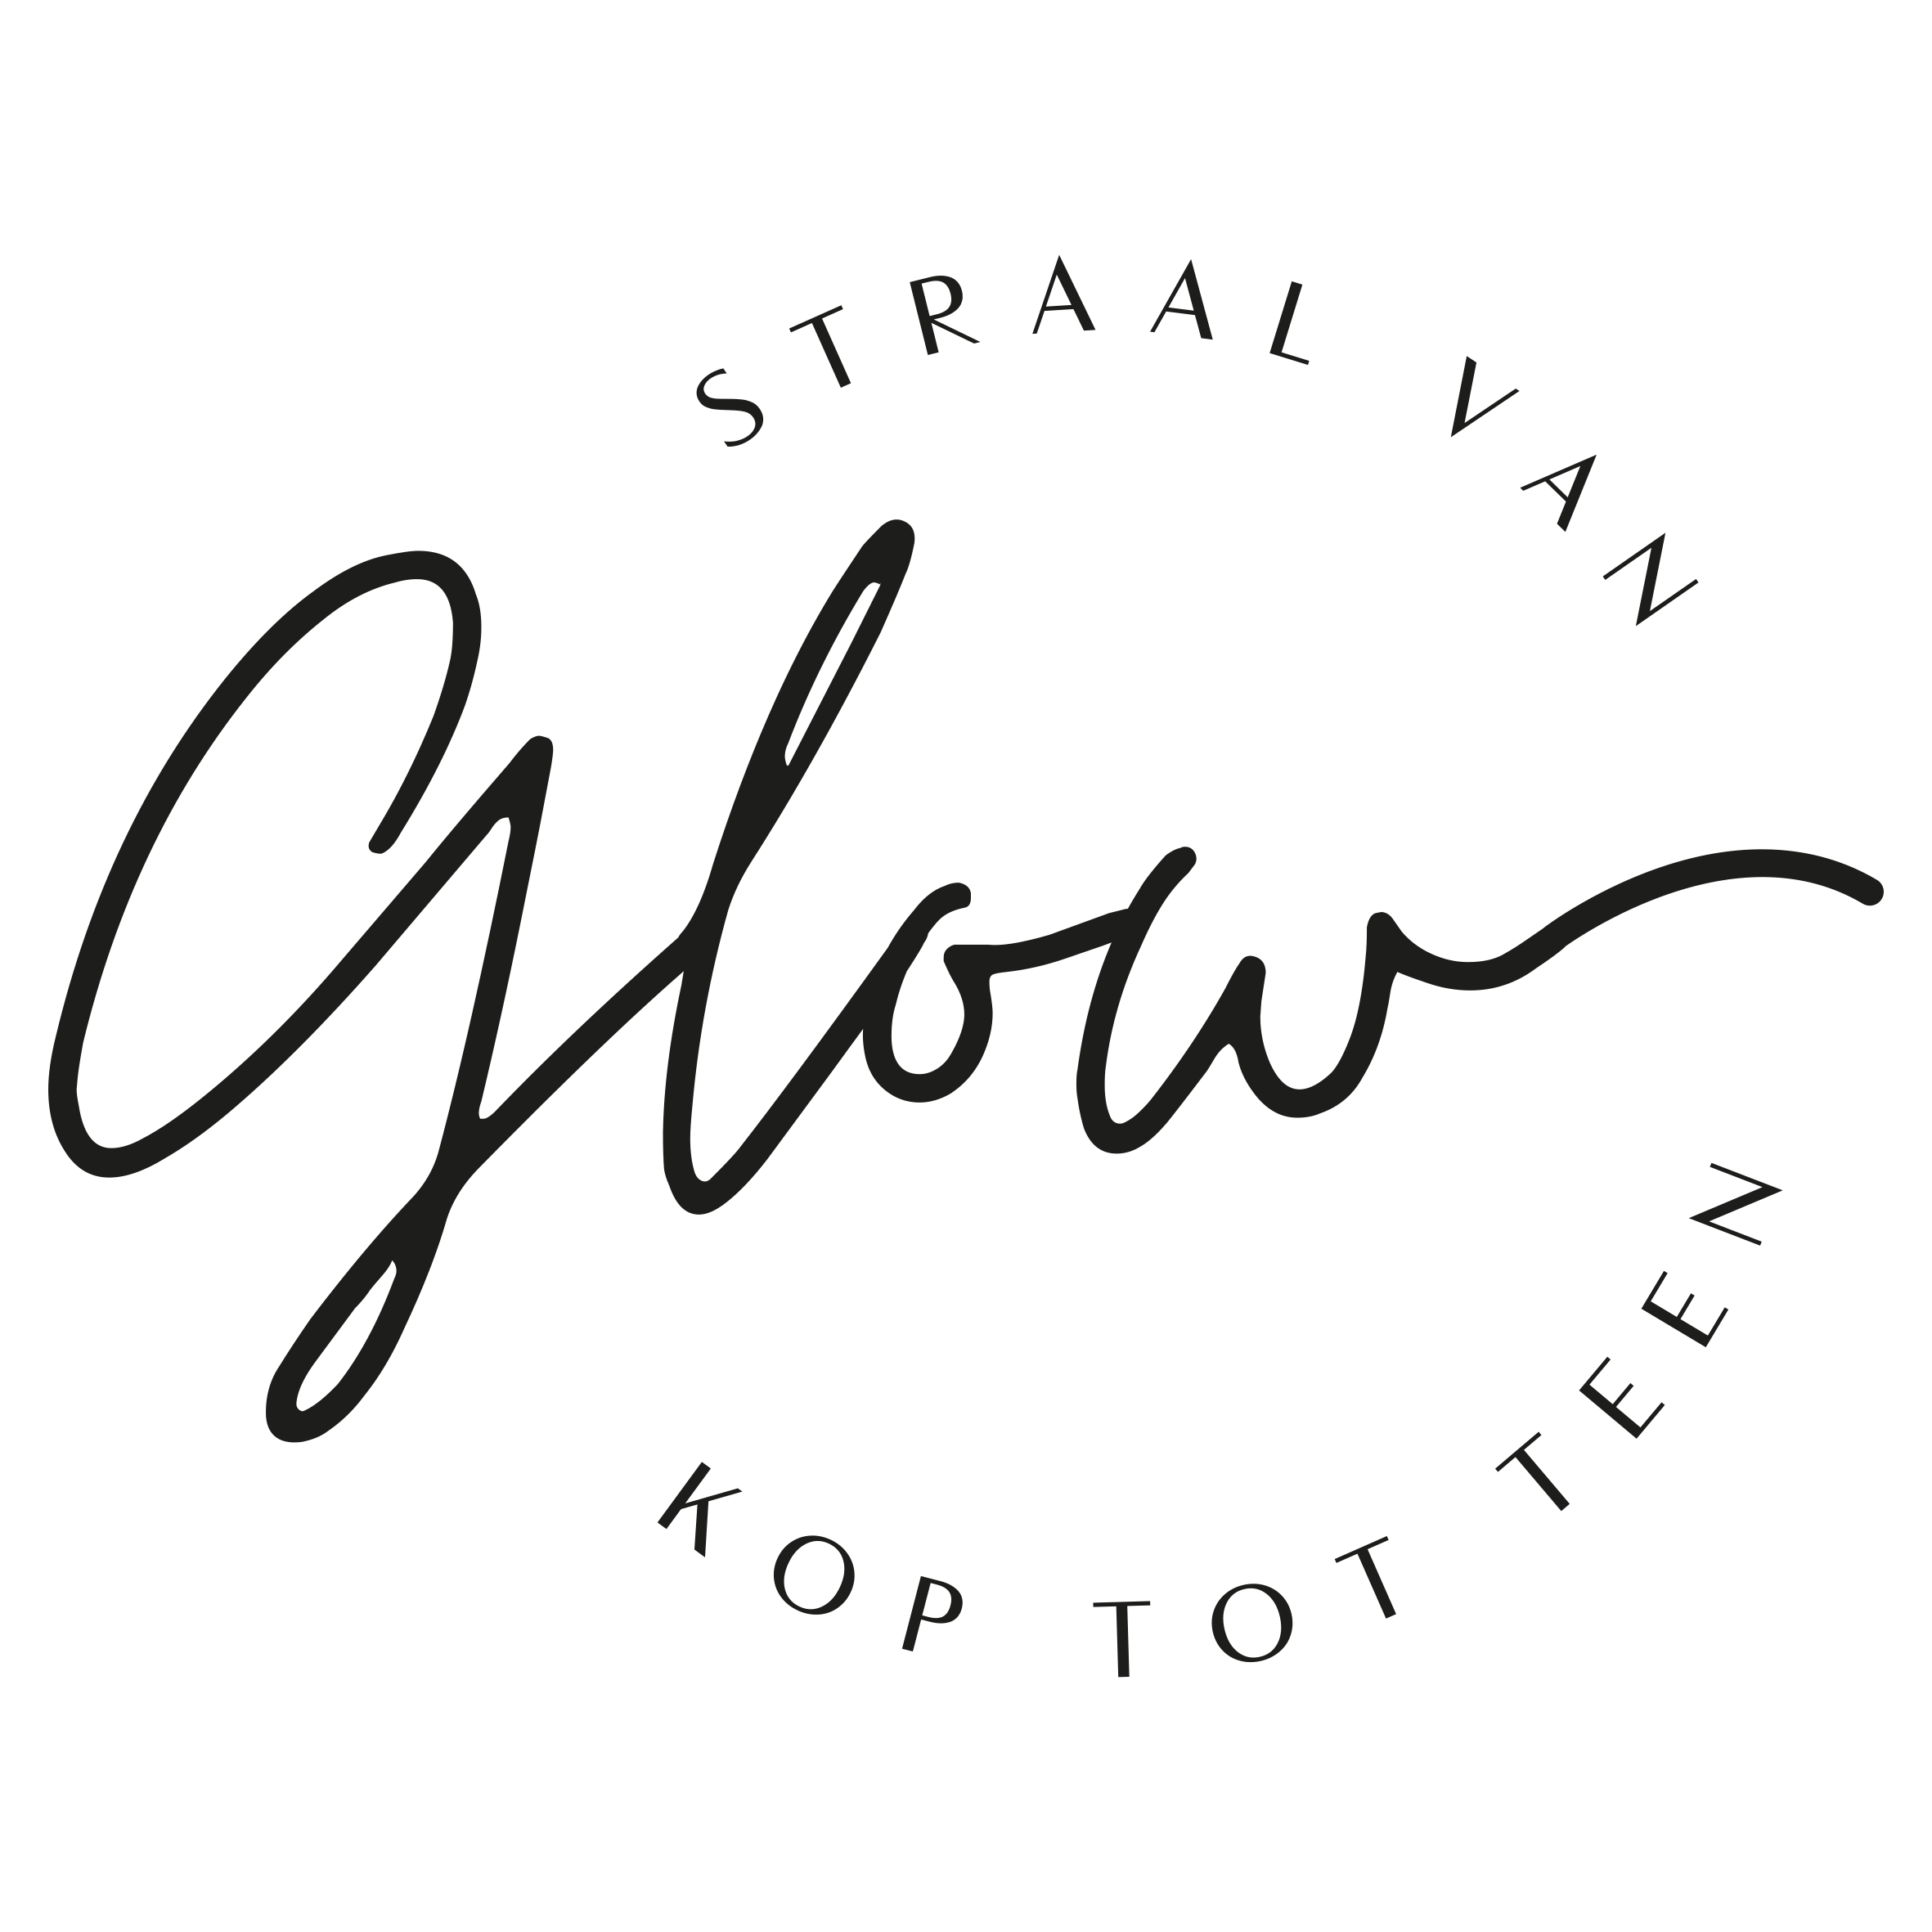 Glow by Karoline